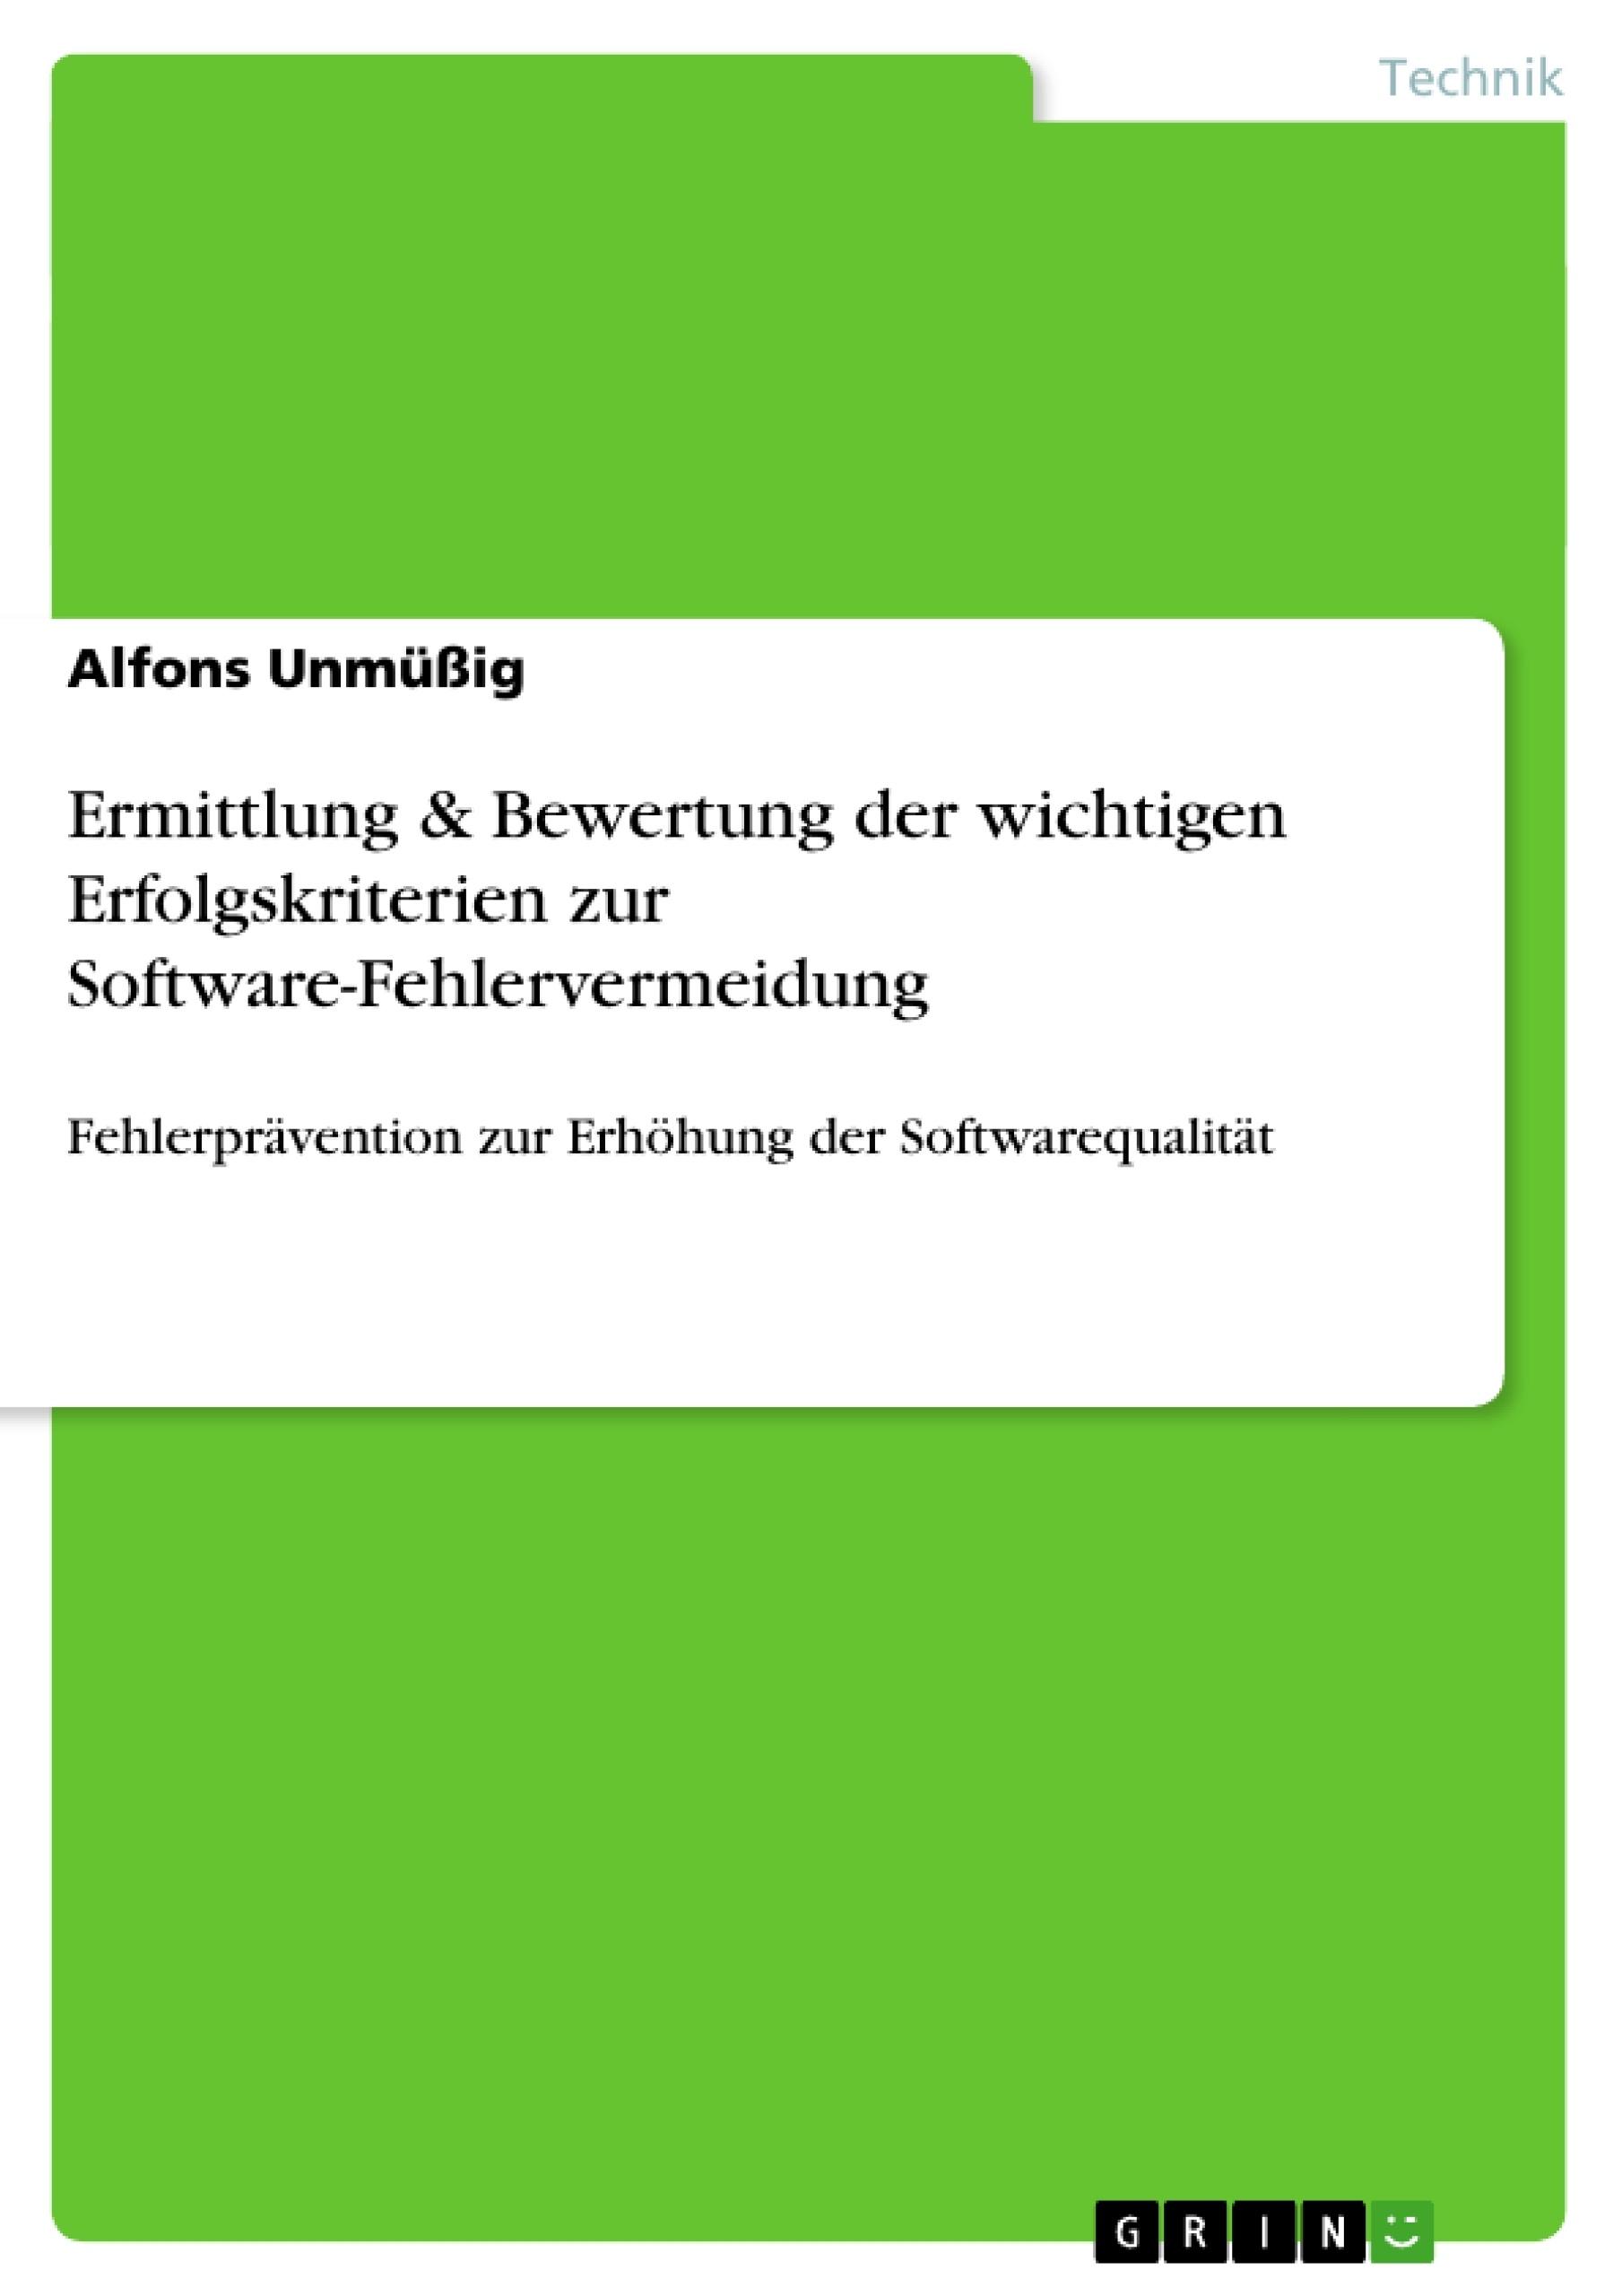 Titel: Ermittlung & Bewertung der wichtigen Erfolgskriterien zur Software-Fehlervermeidung